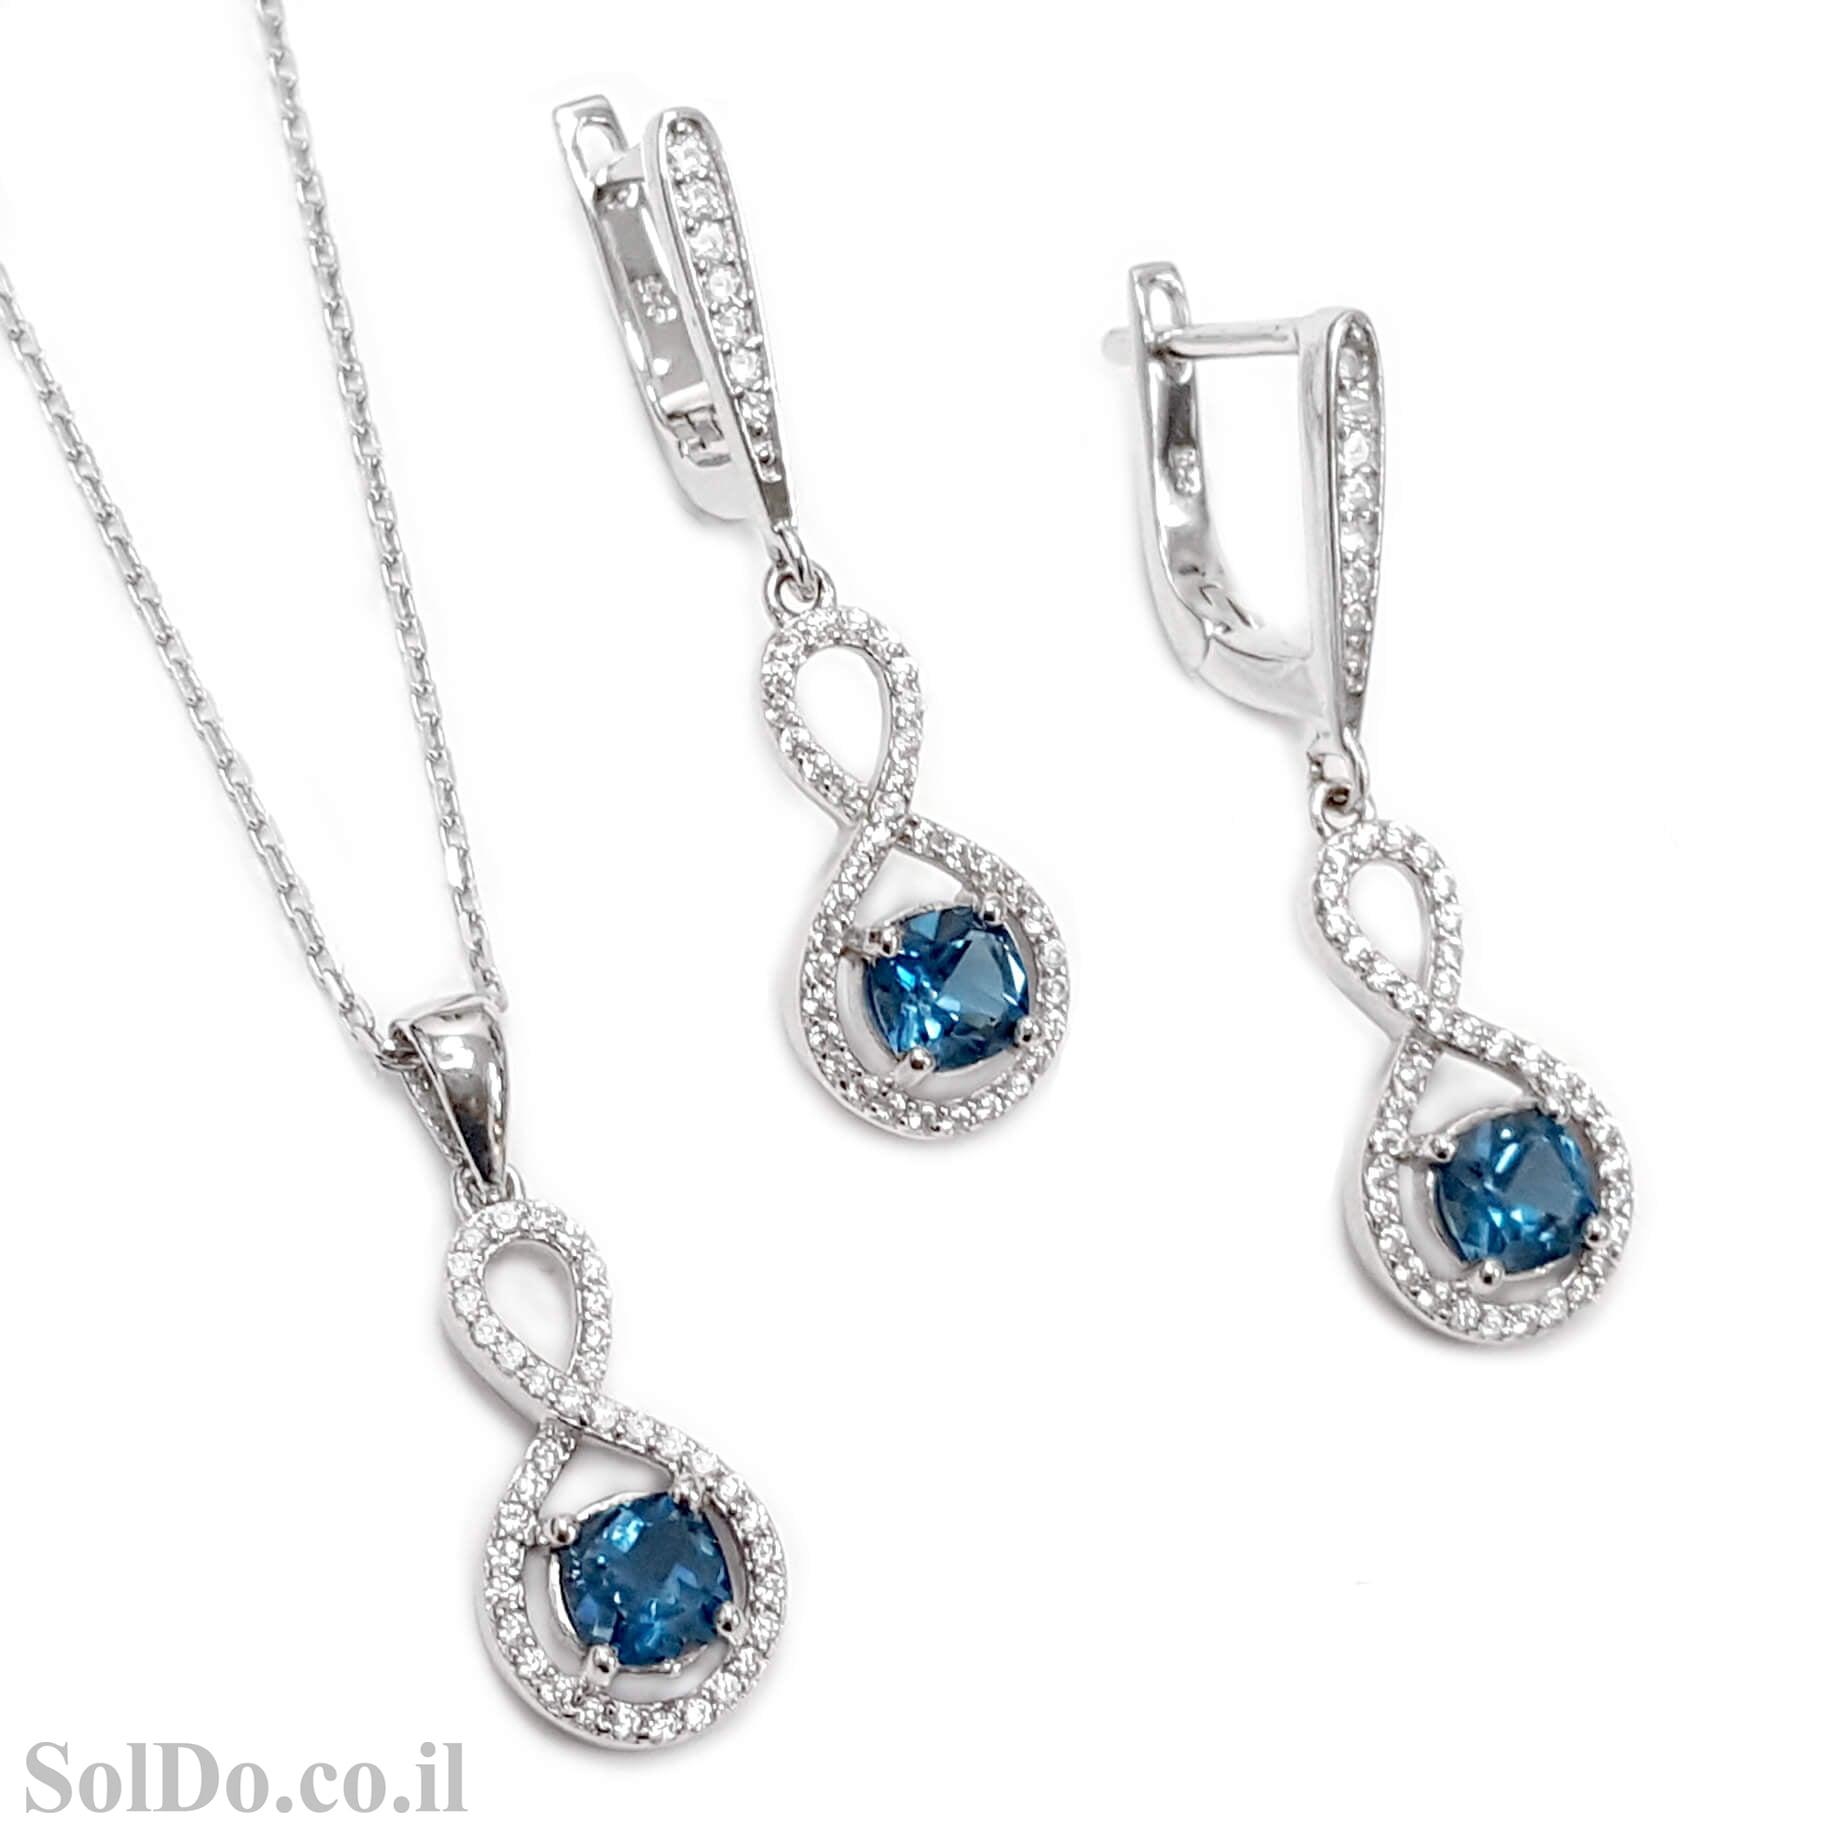 עגילים תלויים ותליון מכסף משובצים אבני טופז כחולות וזרקונים S1577